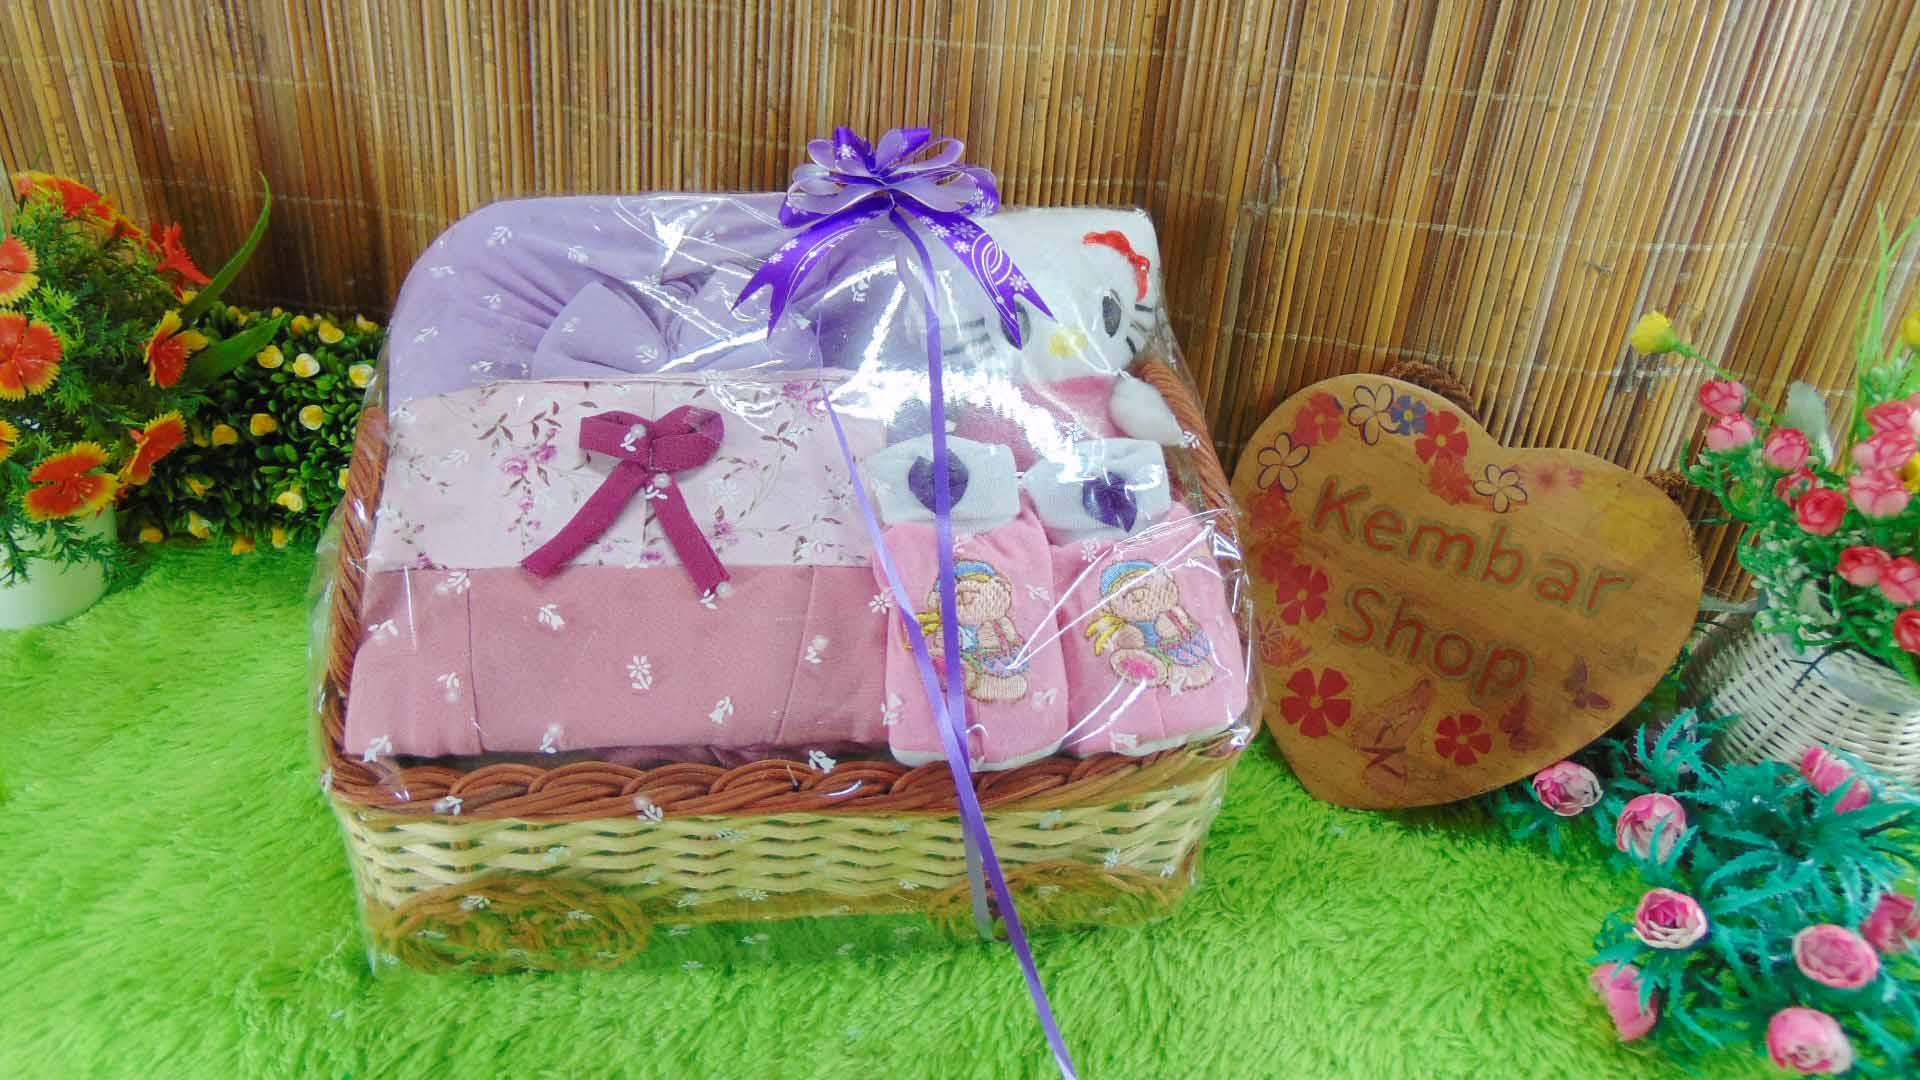 [SUPER CANTIK KOMPLIT] Hampers Baby Gift Parcel Parsel Bayi Kado Lahiran Kereta FREE UCAPAN (1)